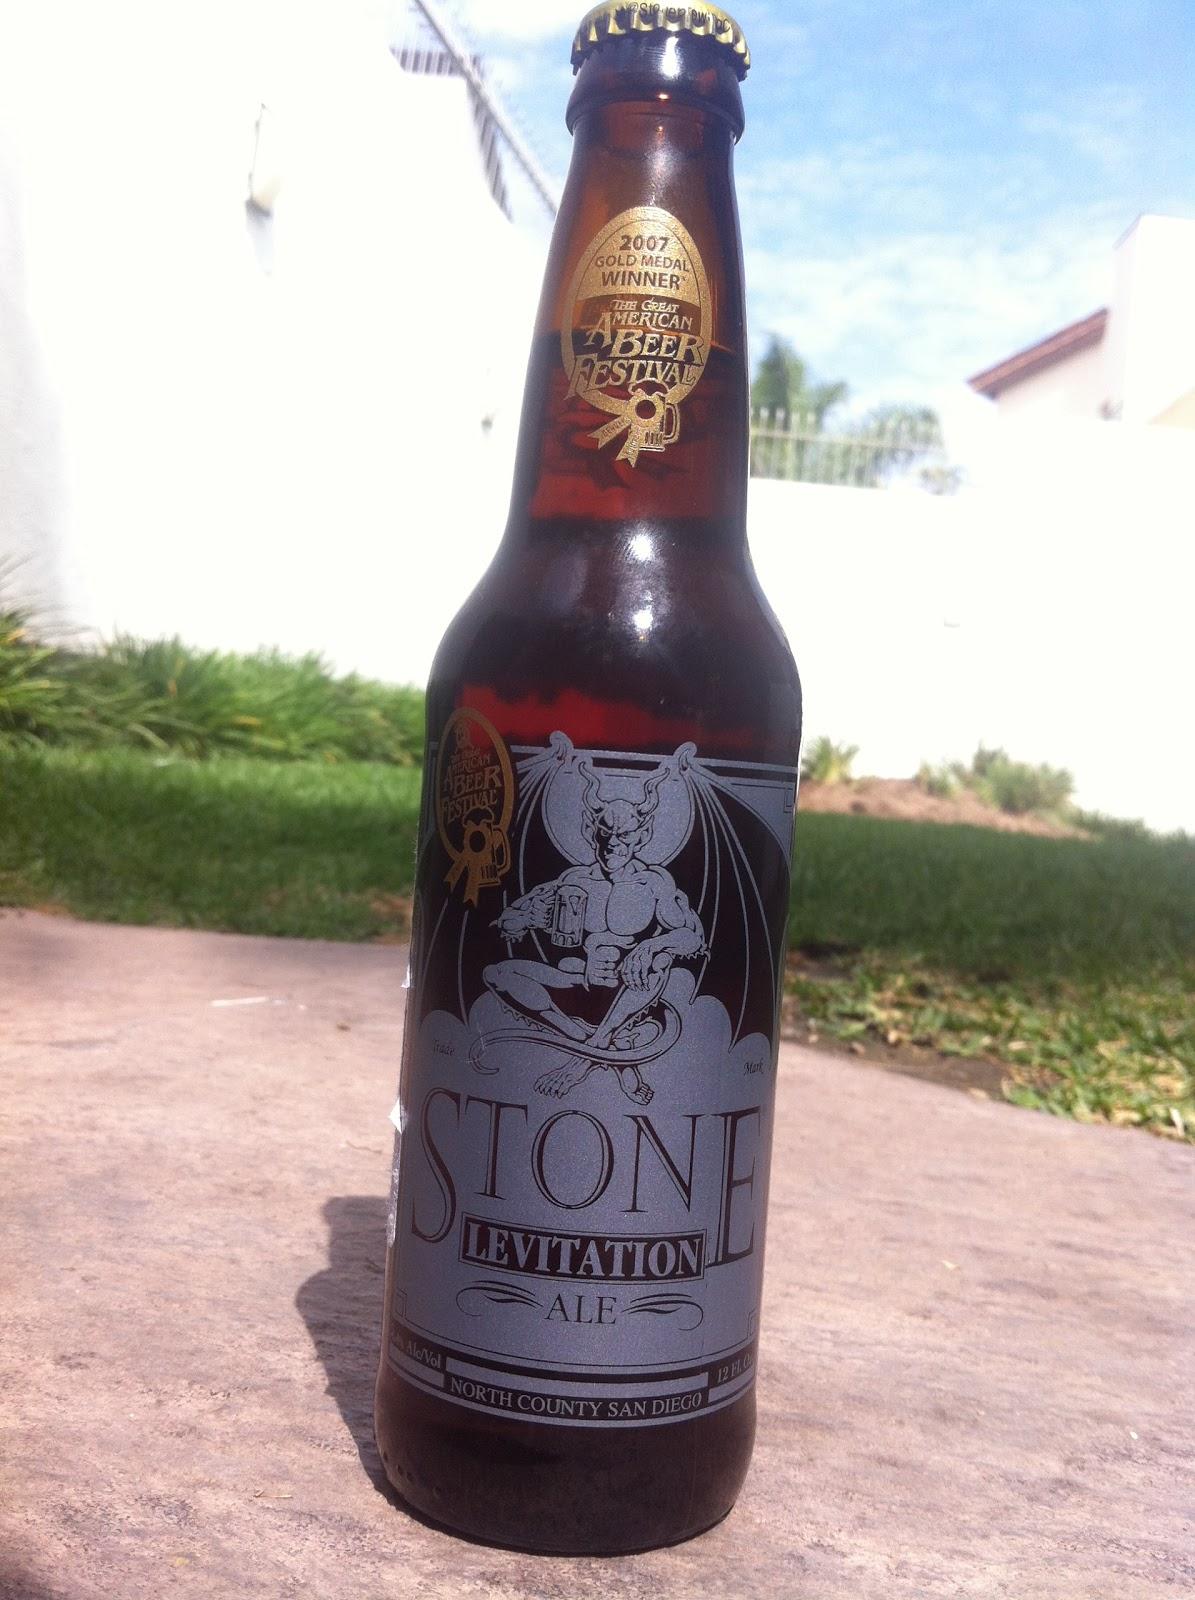 Stone Levitation Beer : Cosmos de la cerveza degustación stone levitation ale